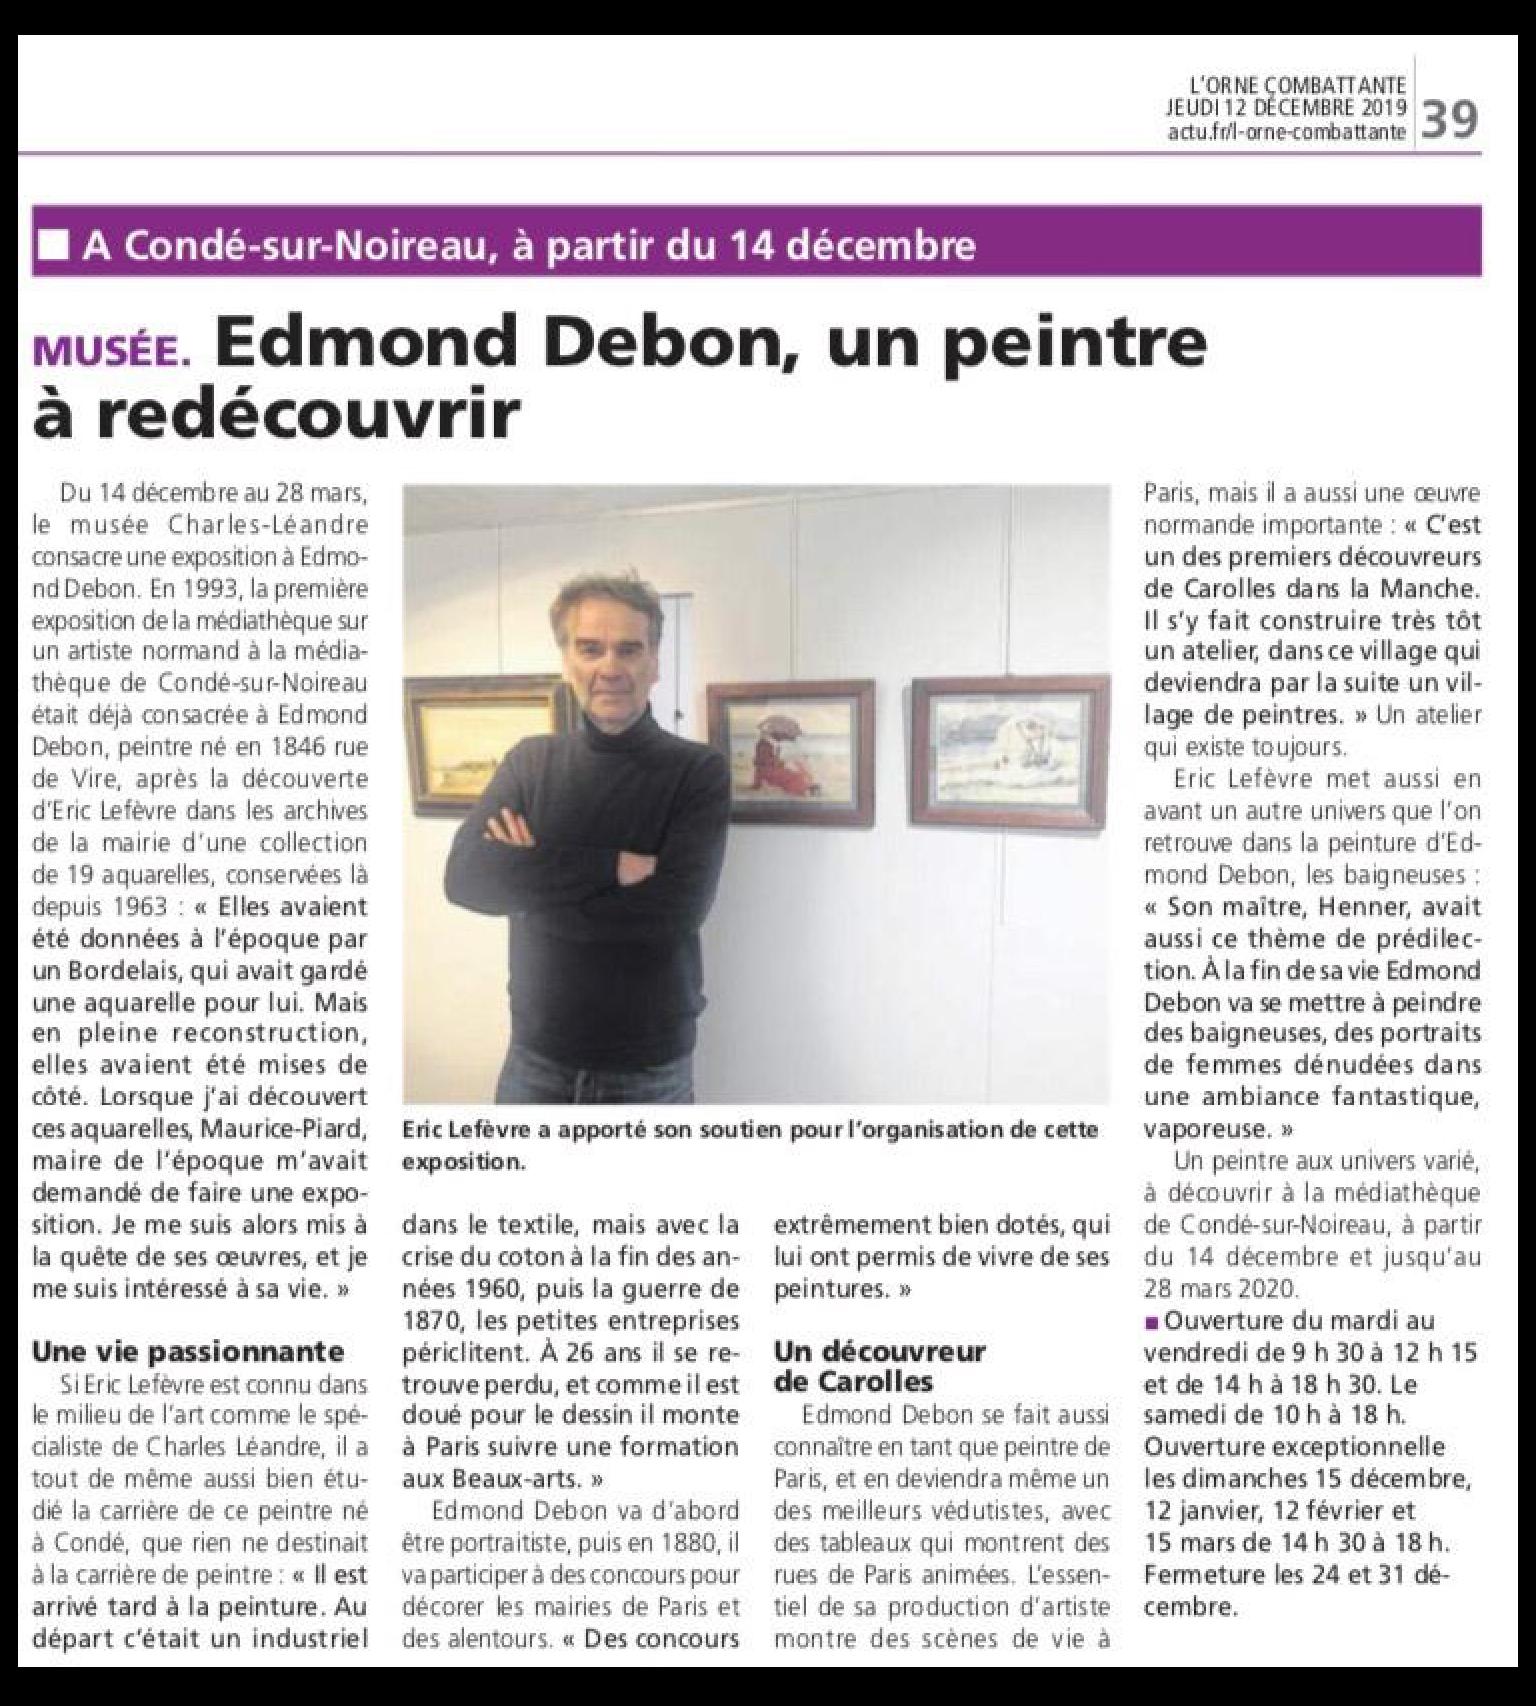 Article de l'Orne Combattante du jeudi 12 décembre 2019 «Edmond DEBON, un peintre à redécouvrir»